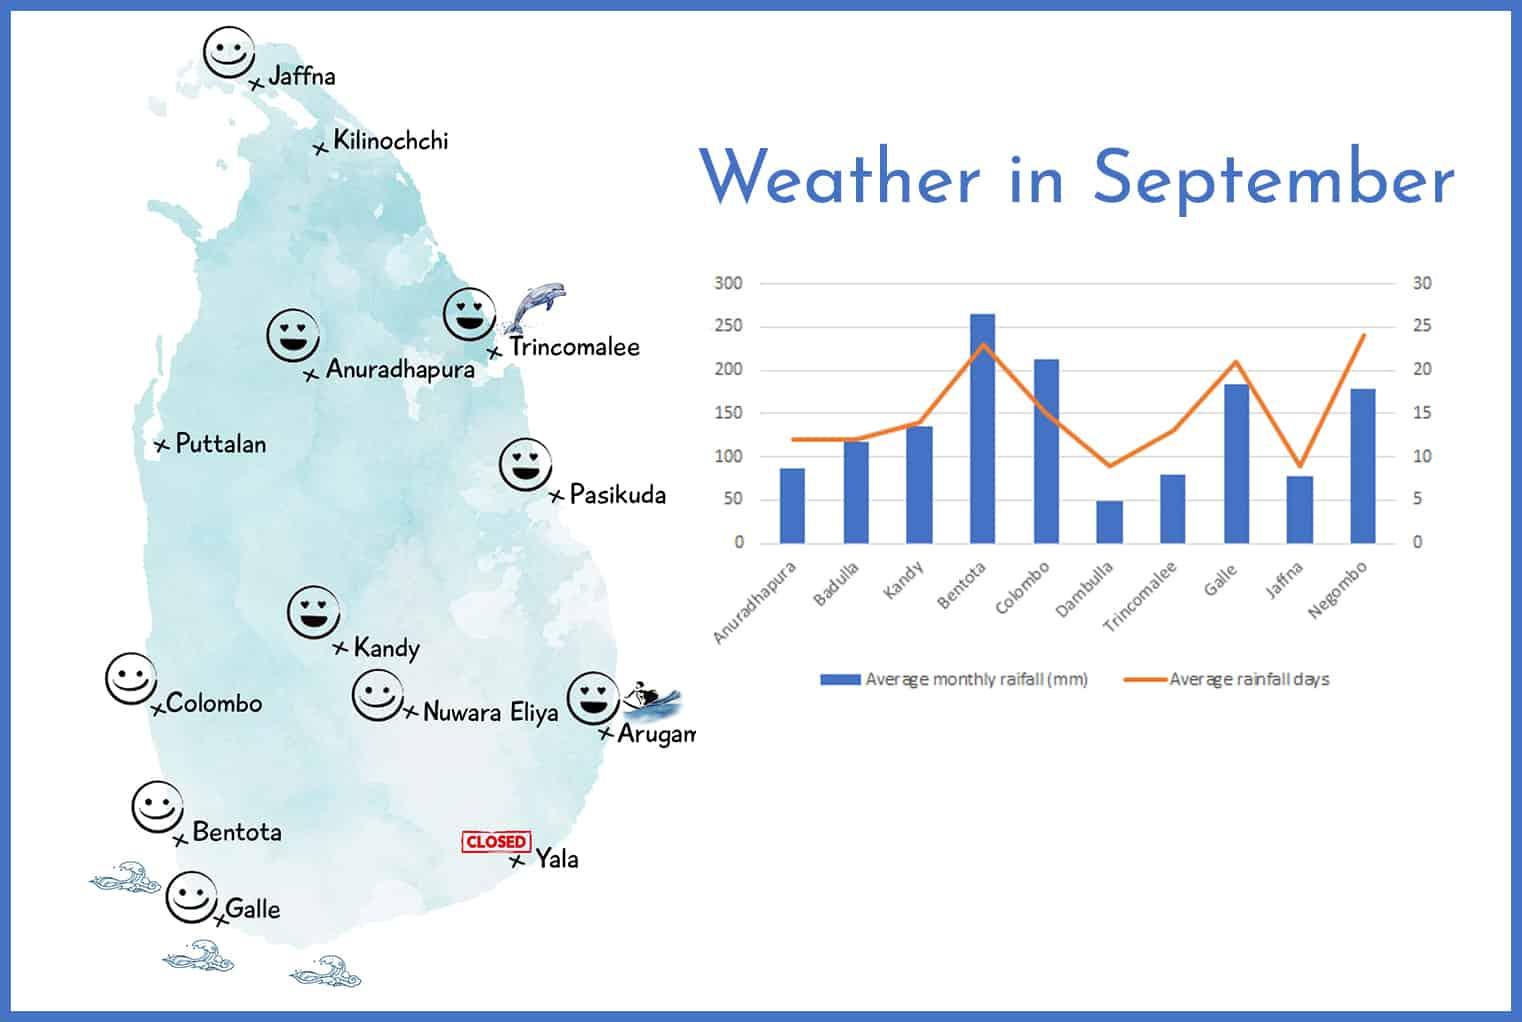 Weather in Sri Lanka in September